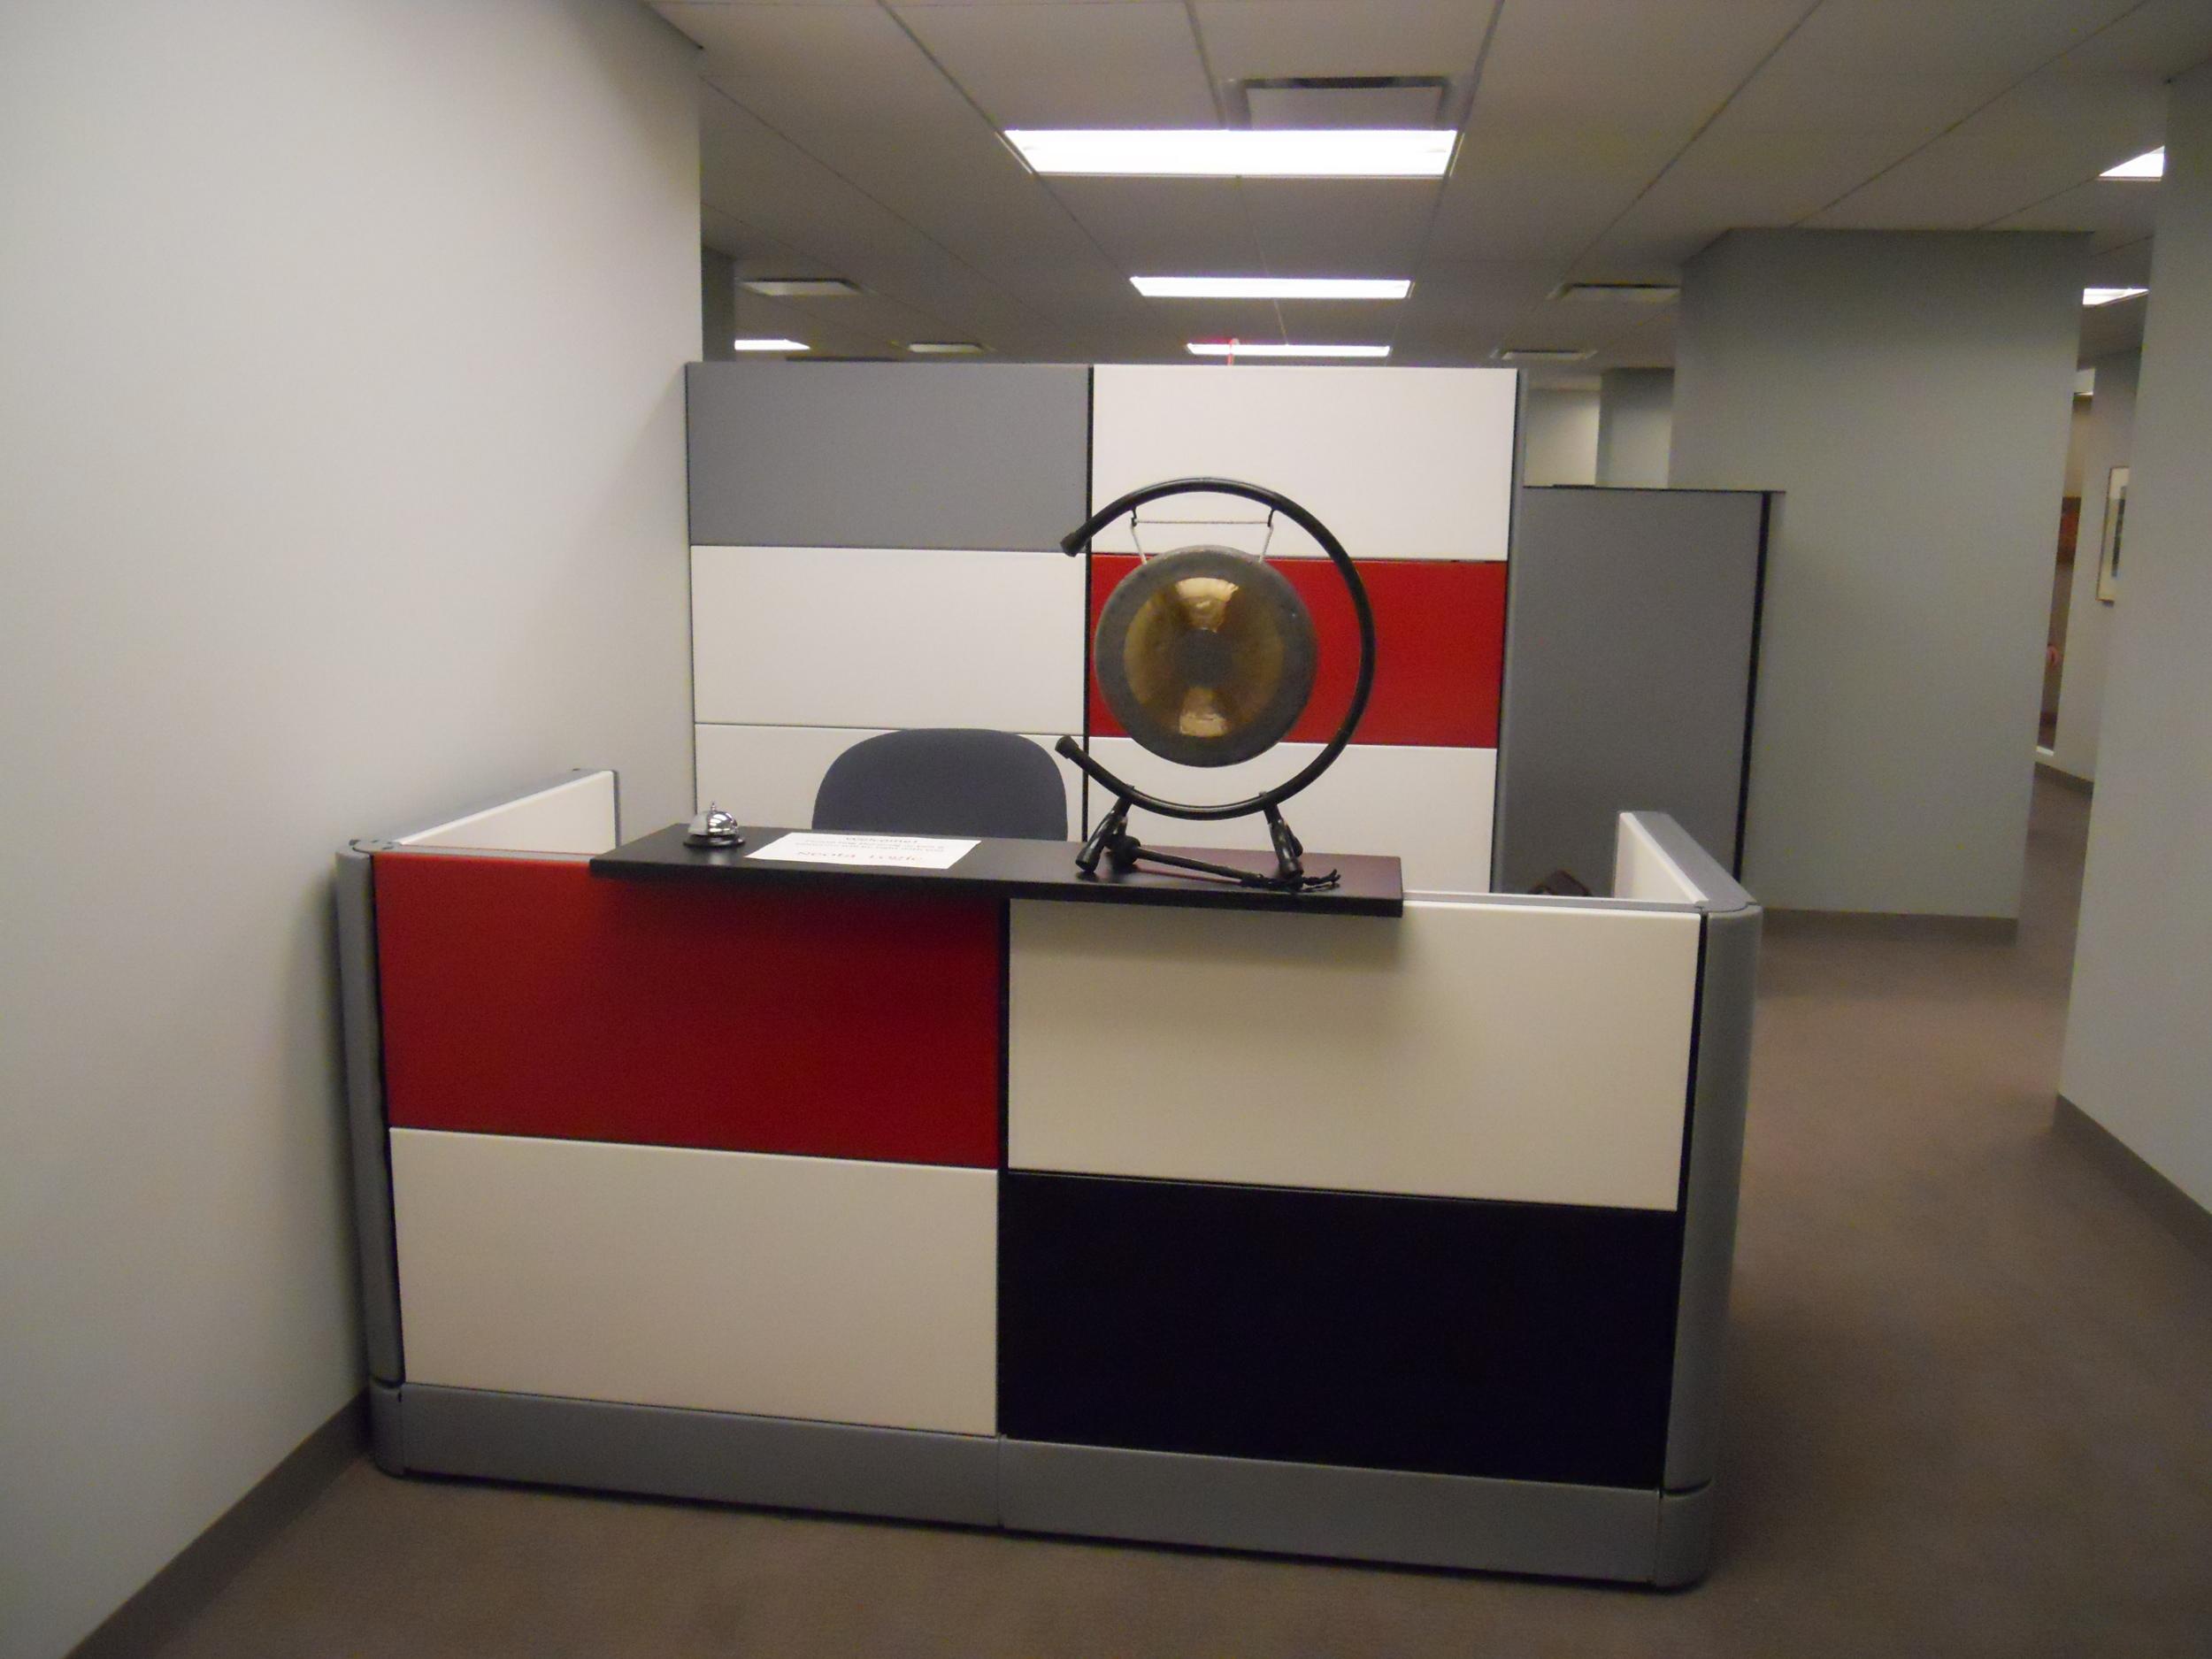 Etho Reception Desk -modern.JPG